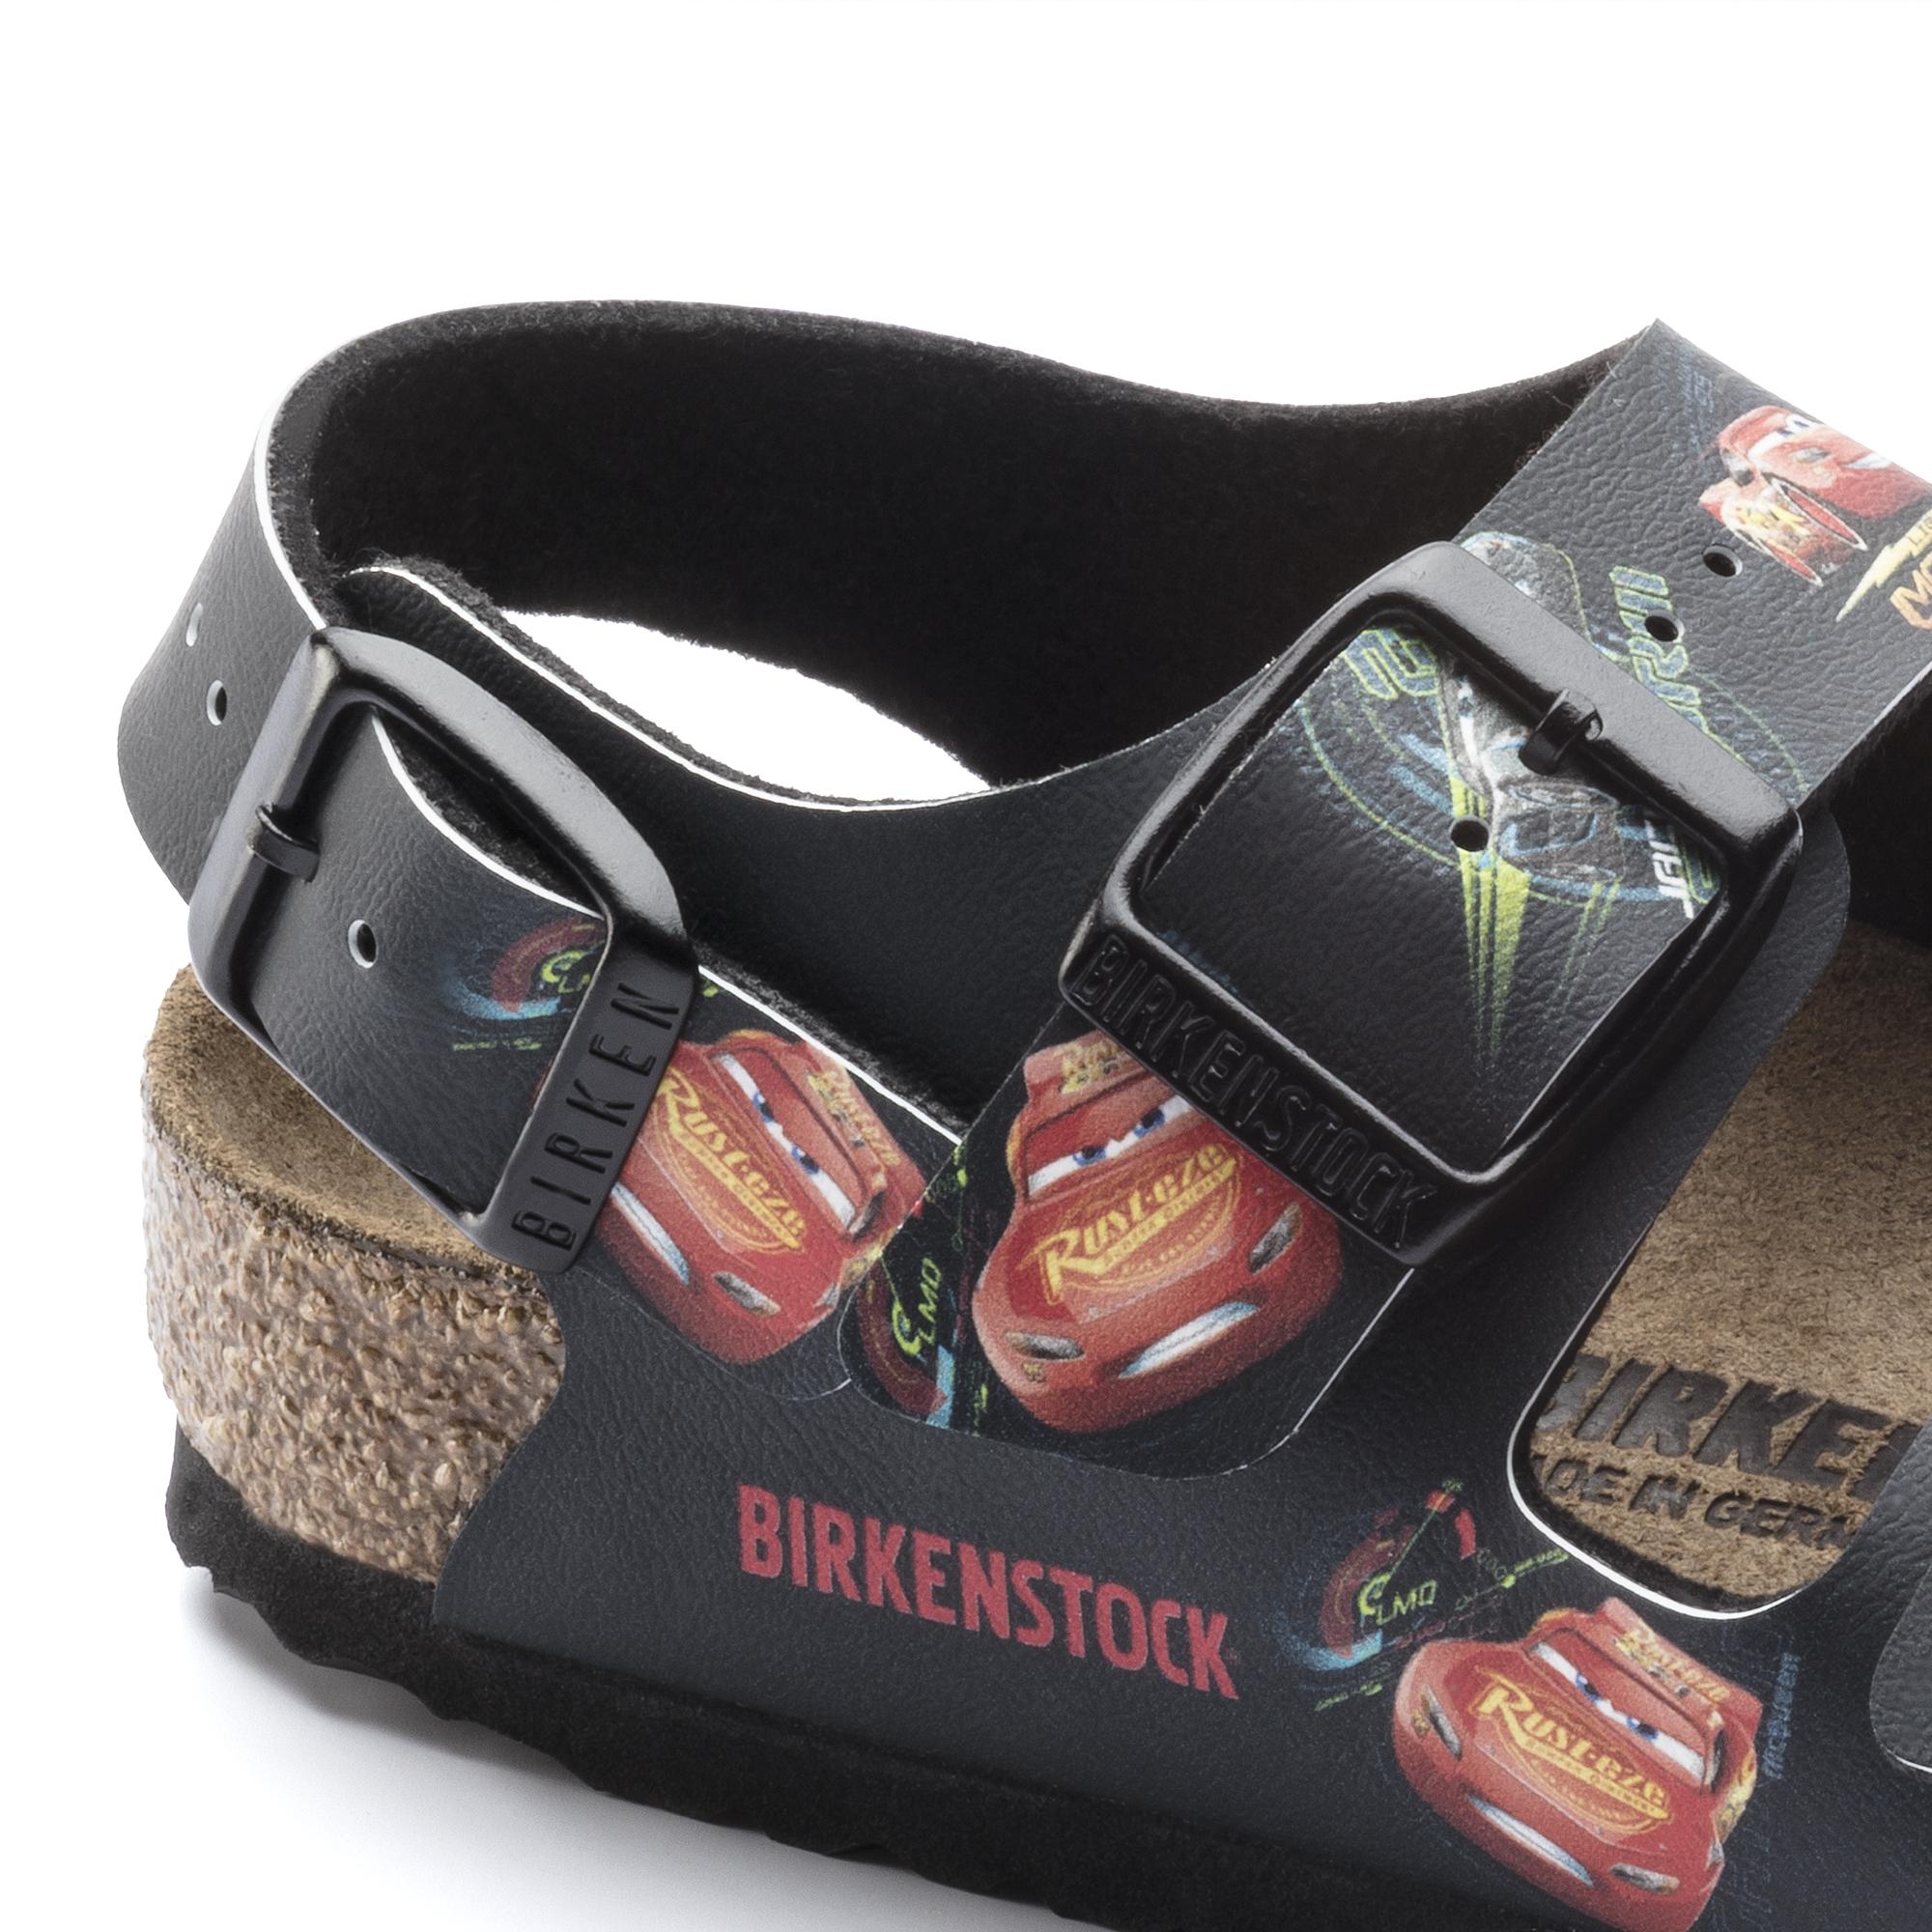 Birkenstock Sandale Milano kids cars 3 darkblue 1008673 1008674